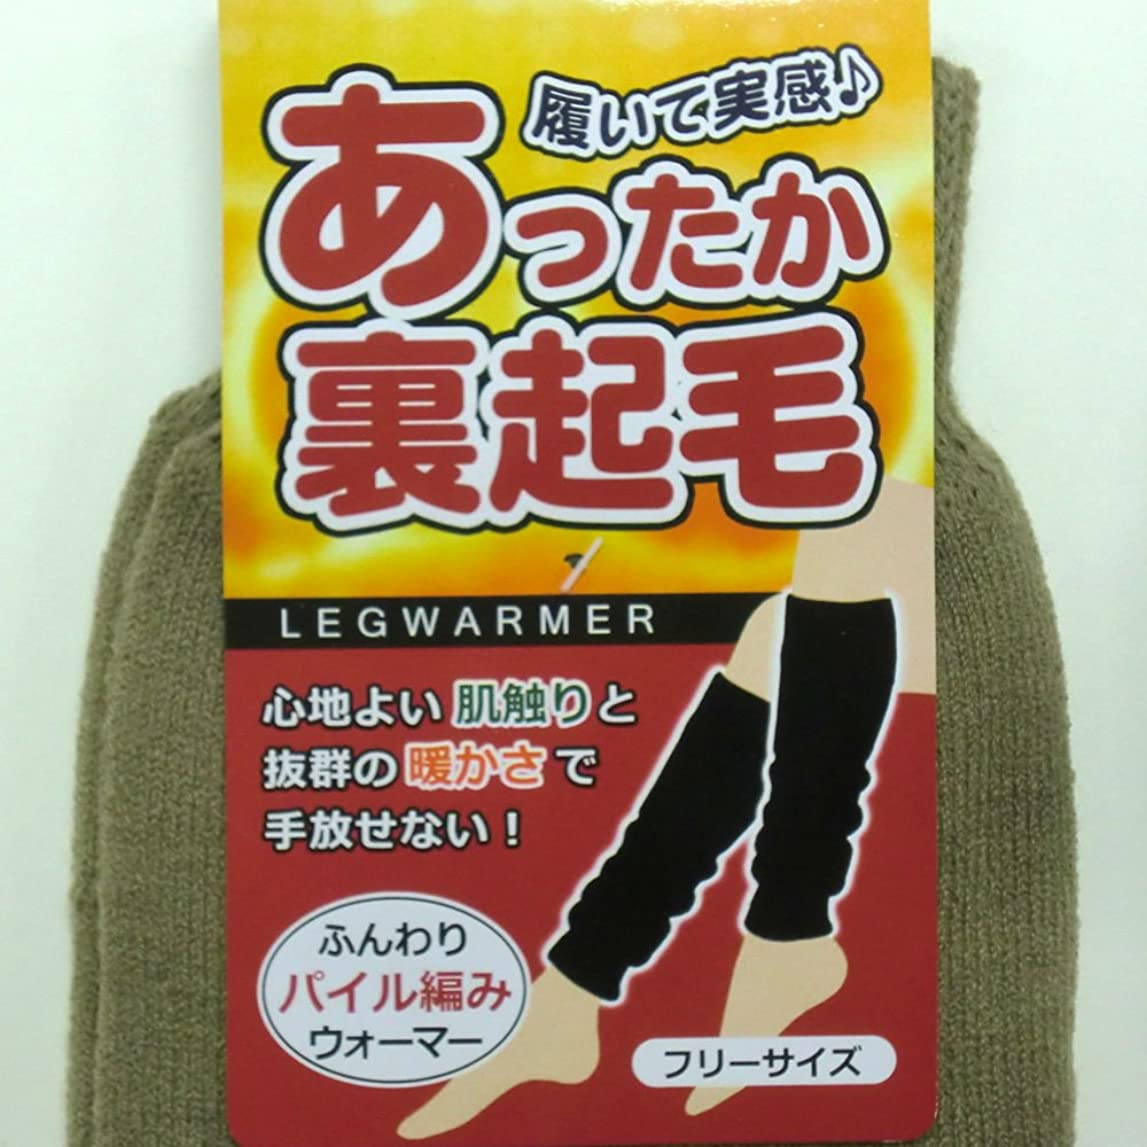 不快ご覧ください予想するあったか ロング レッグウォーマー 45cm丈 裏起毛 パイル編み カプサイシン加工 男女兼用 2足組(柄はお任せ)